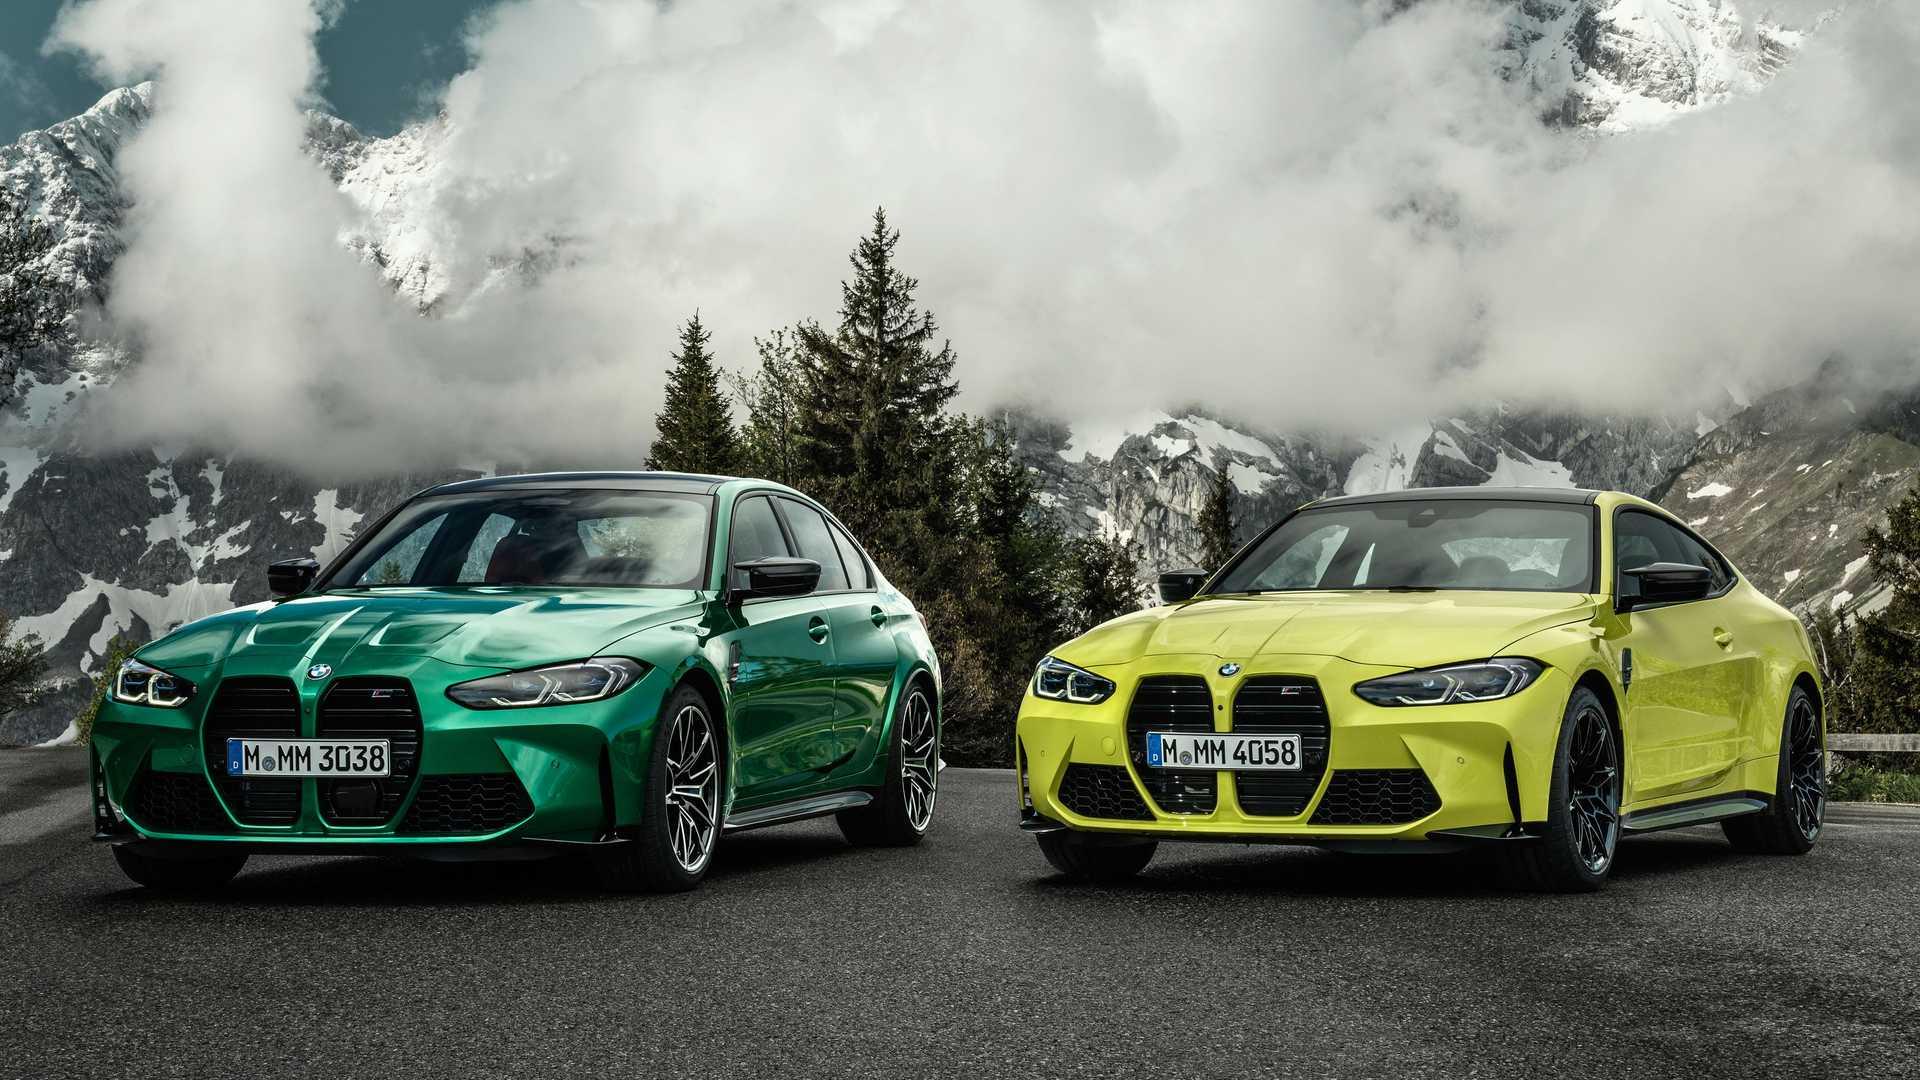 Фирма BMW раскрыла долгожданные M3 и M4, причём сразу – в топовой 510-сильной модификации Competition. Трёхлитровая «турбошестёрка» взята у кроссоверов X3 M и X4 M, но максимальная тяга выросла с 600 до 650 Нм на 2 750–5 500 об/мин. Отсечка прежняя – 7 200 оборотов.